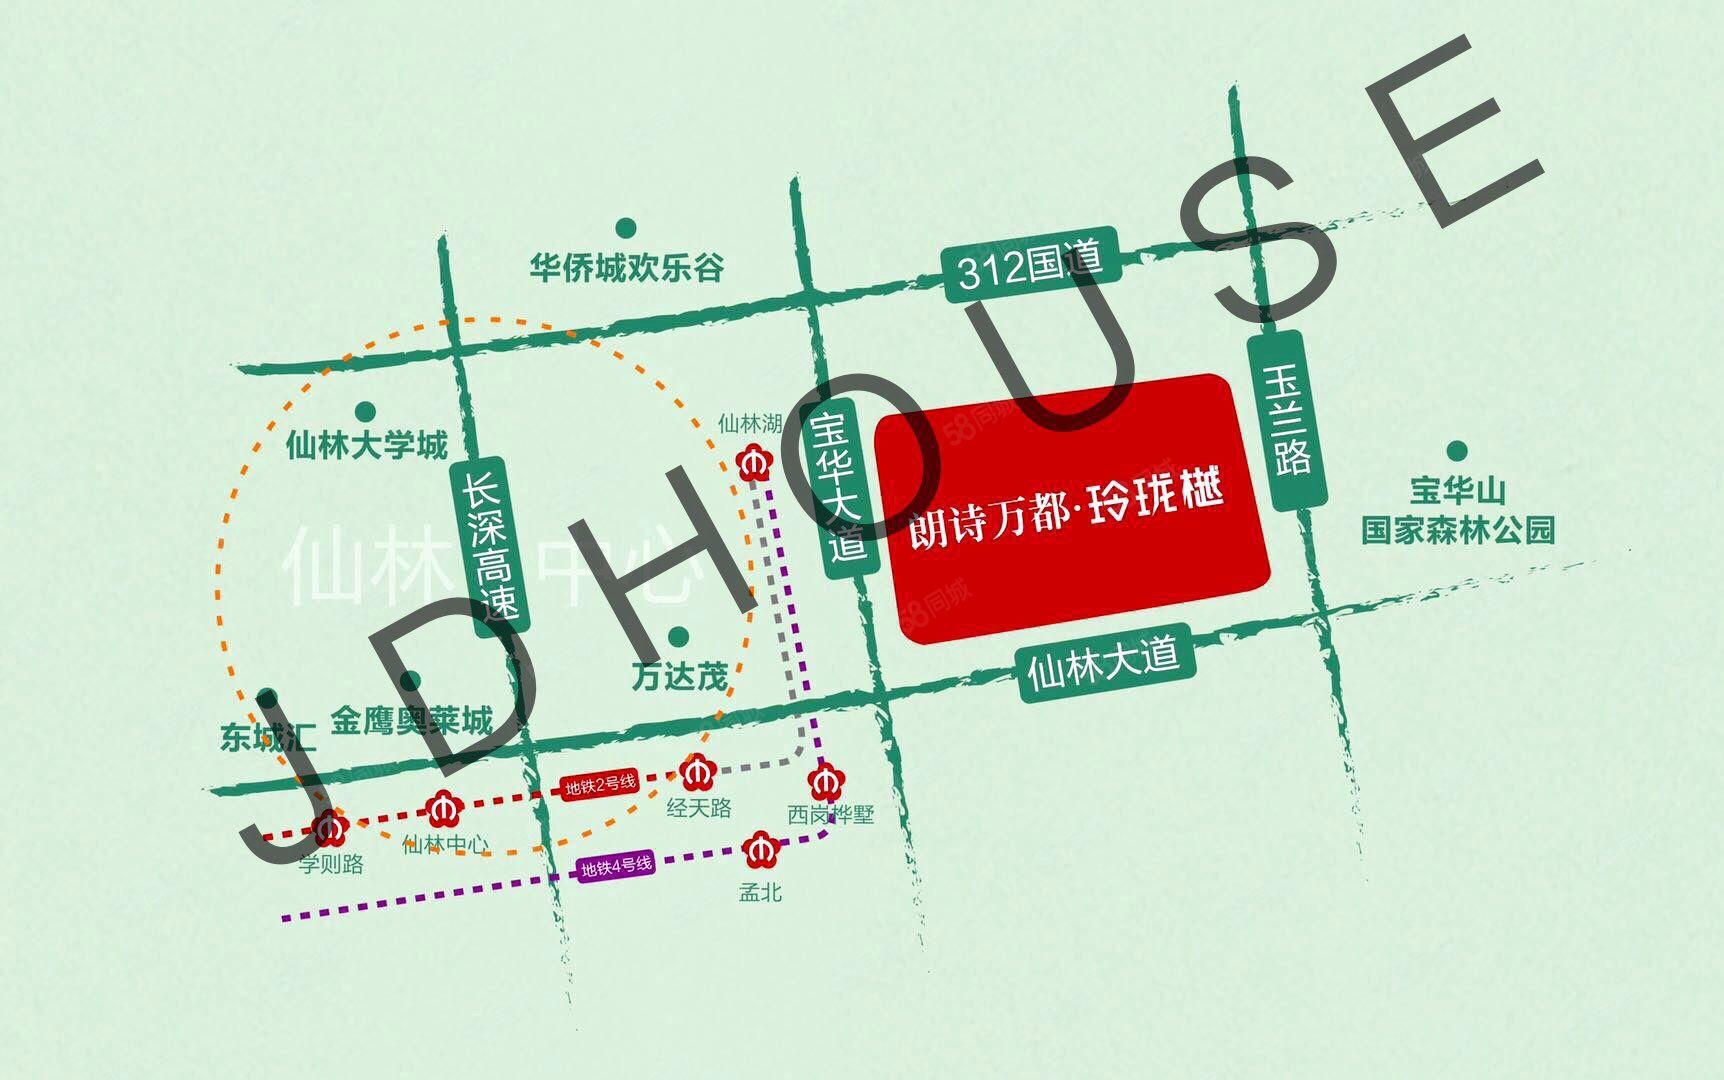 仙林東朗詩萬都玲瓏樾萬達茂周邊南京東品質住宅